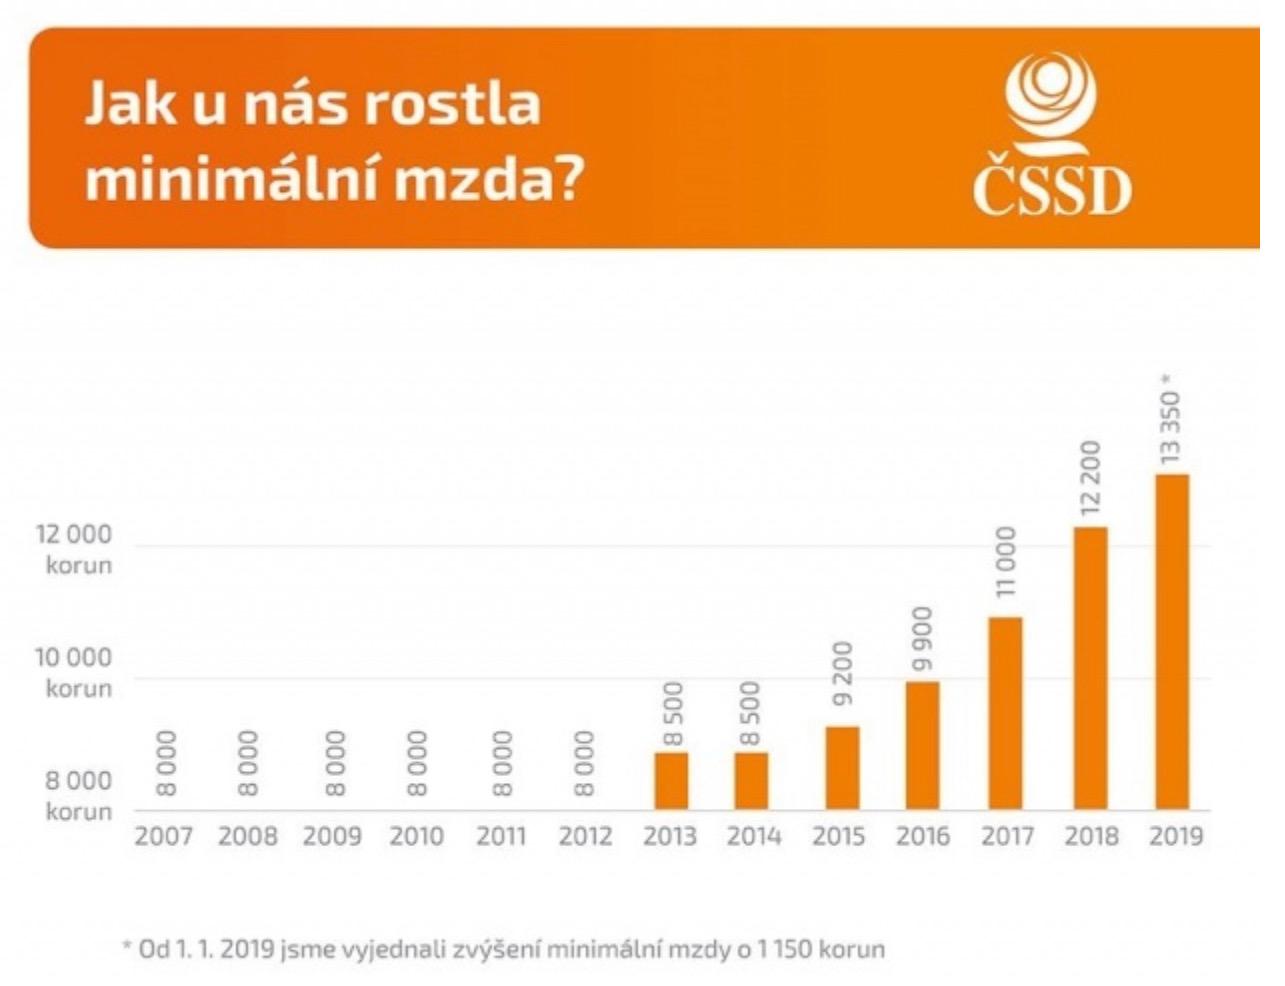 Růst minimální mzdy 2007 až 2019